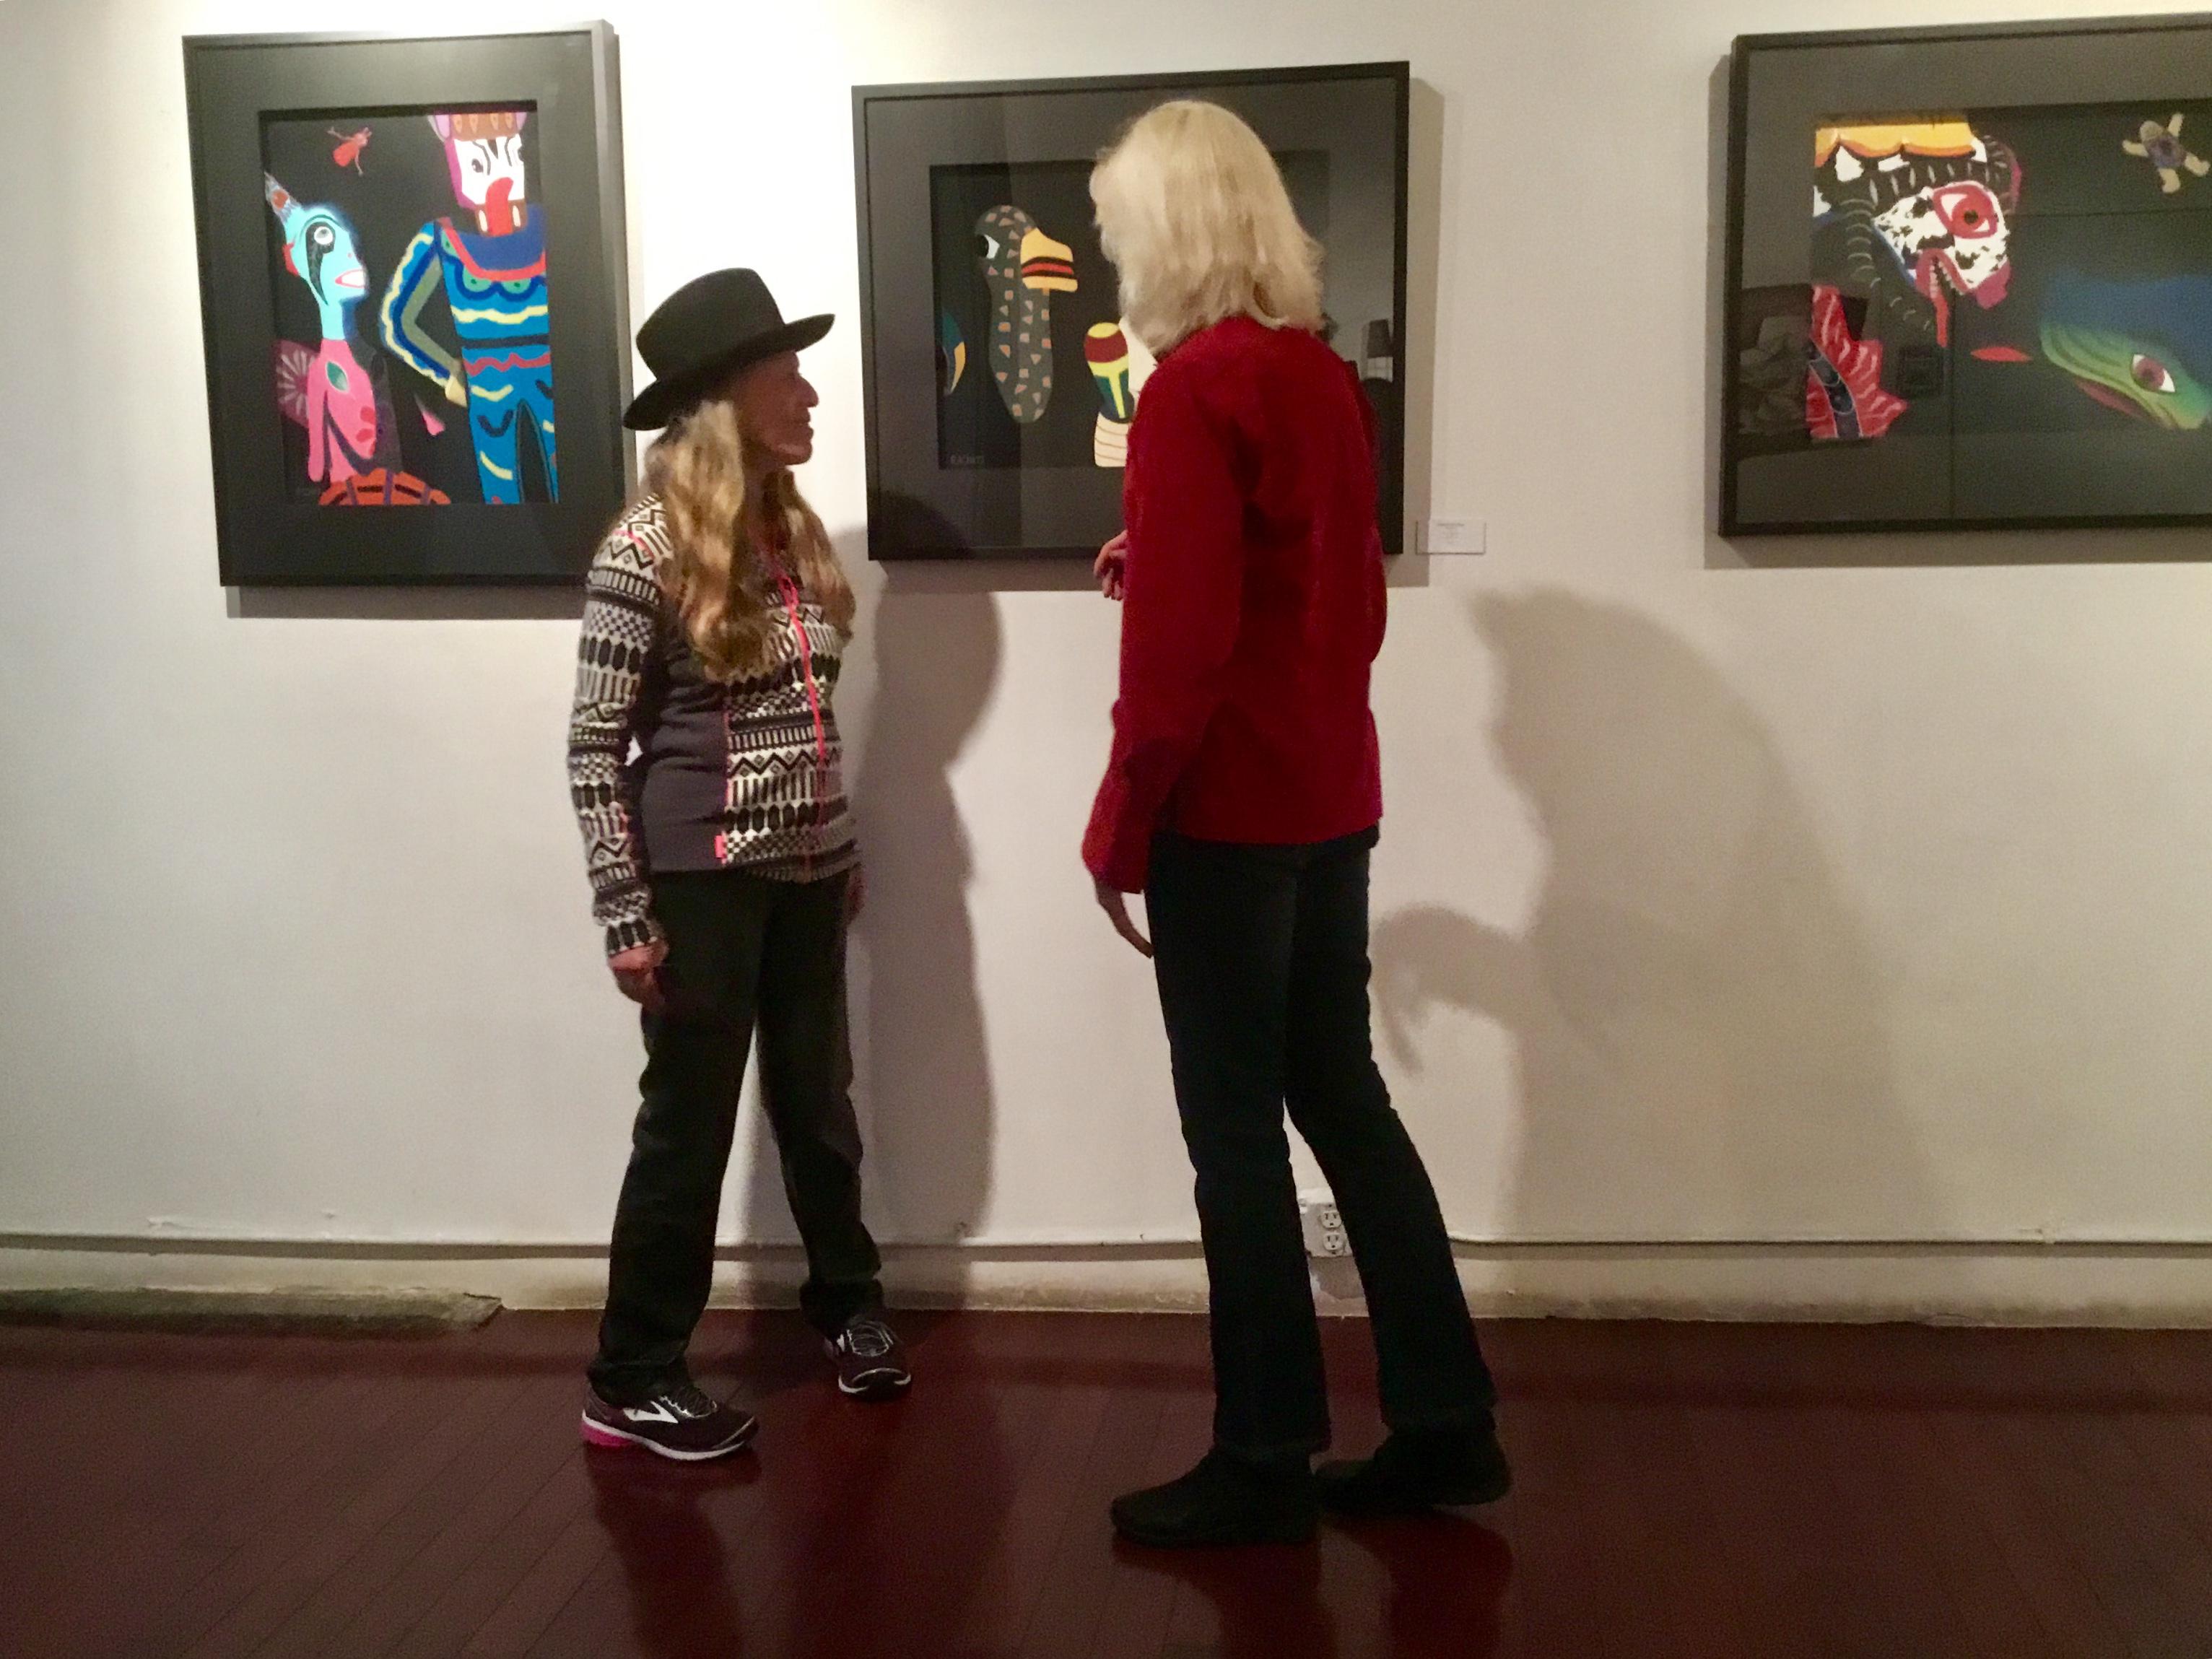 At Salomon Arts in Tribeca